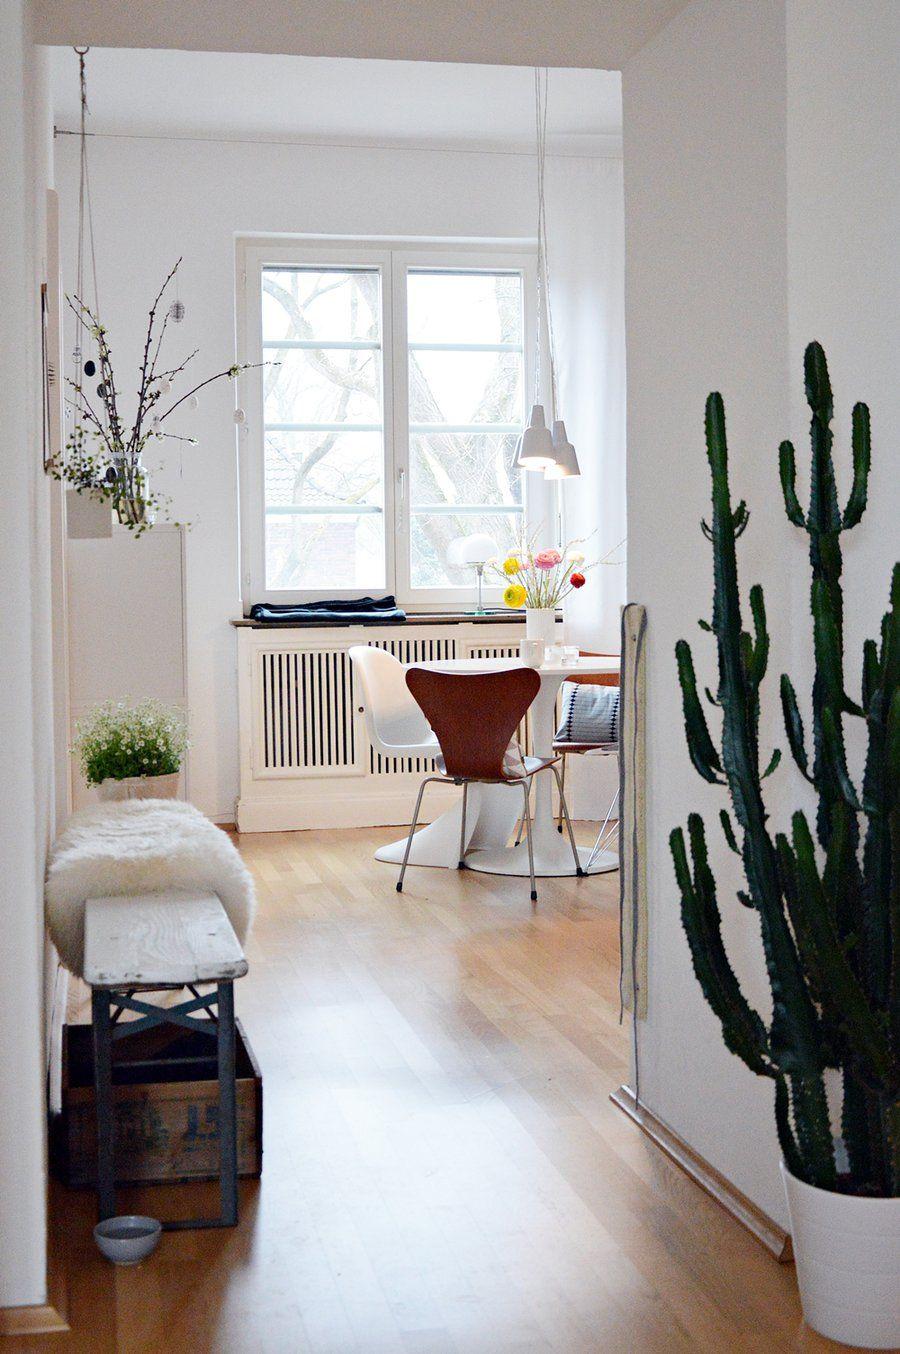 Ameisen Im Wohnzimmer besonders Images oder Ceeaacedffae Jpg